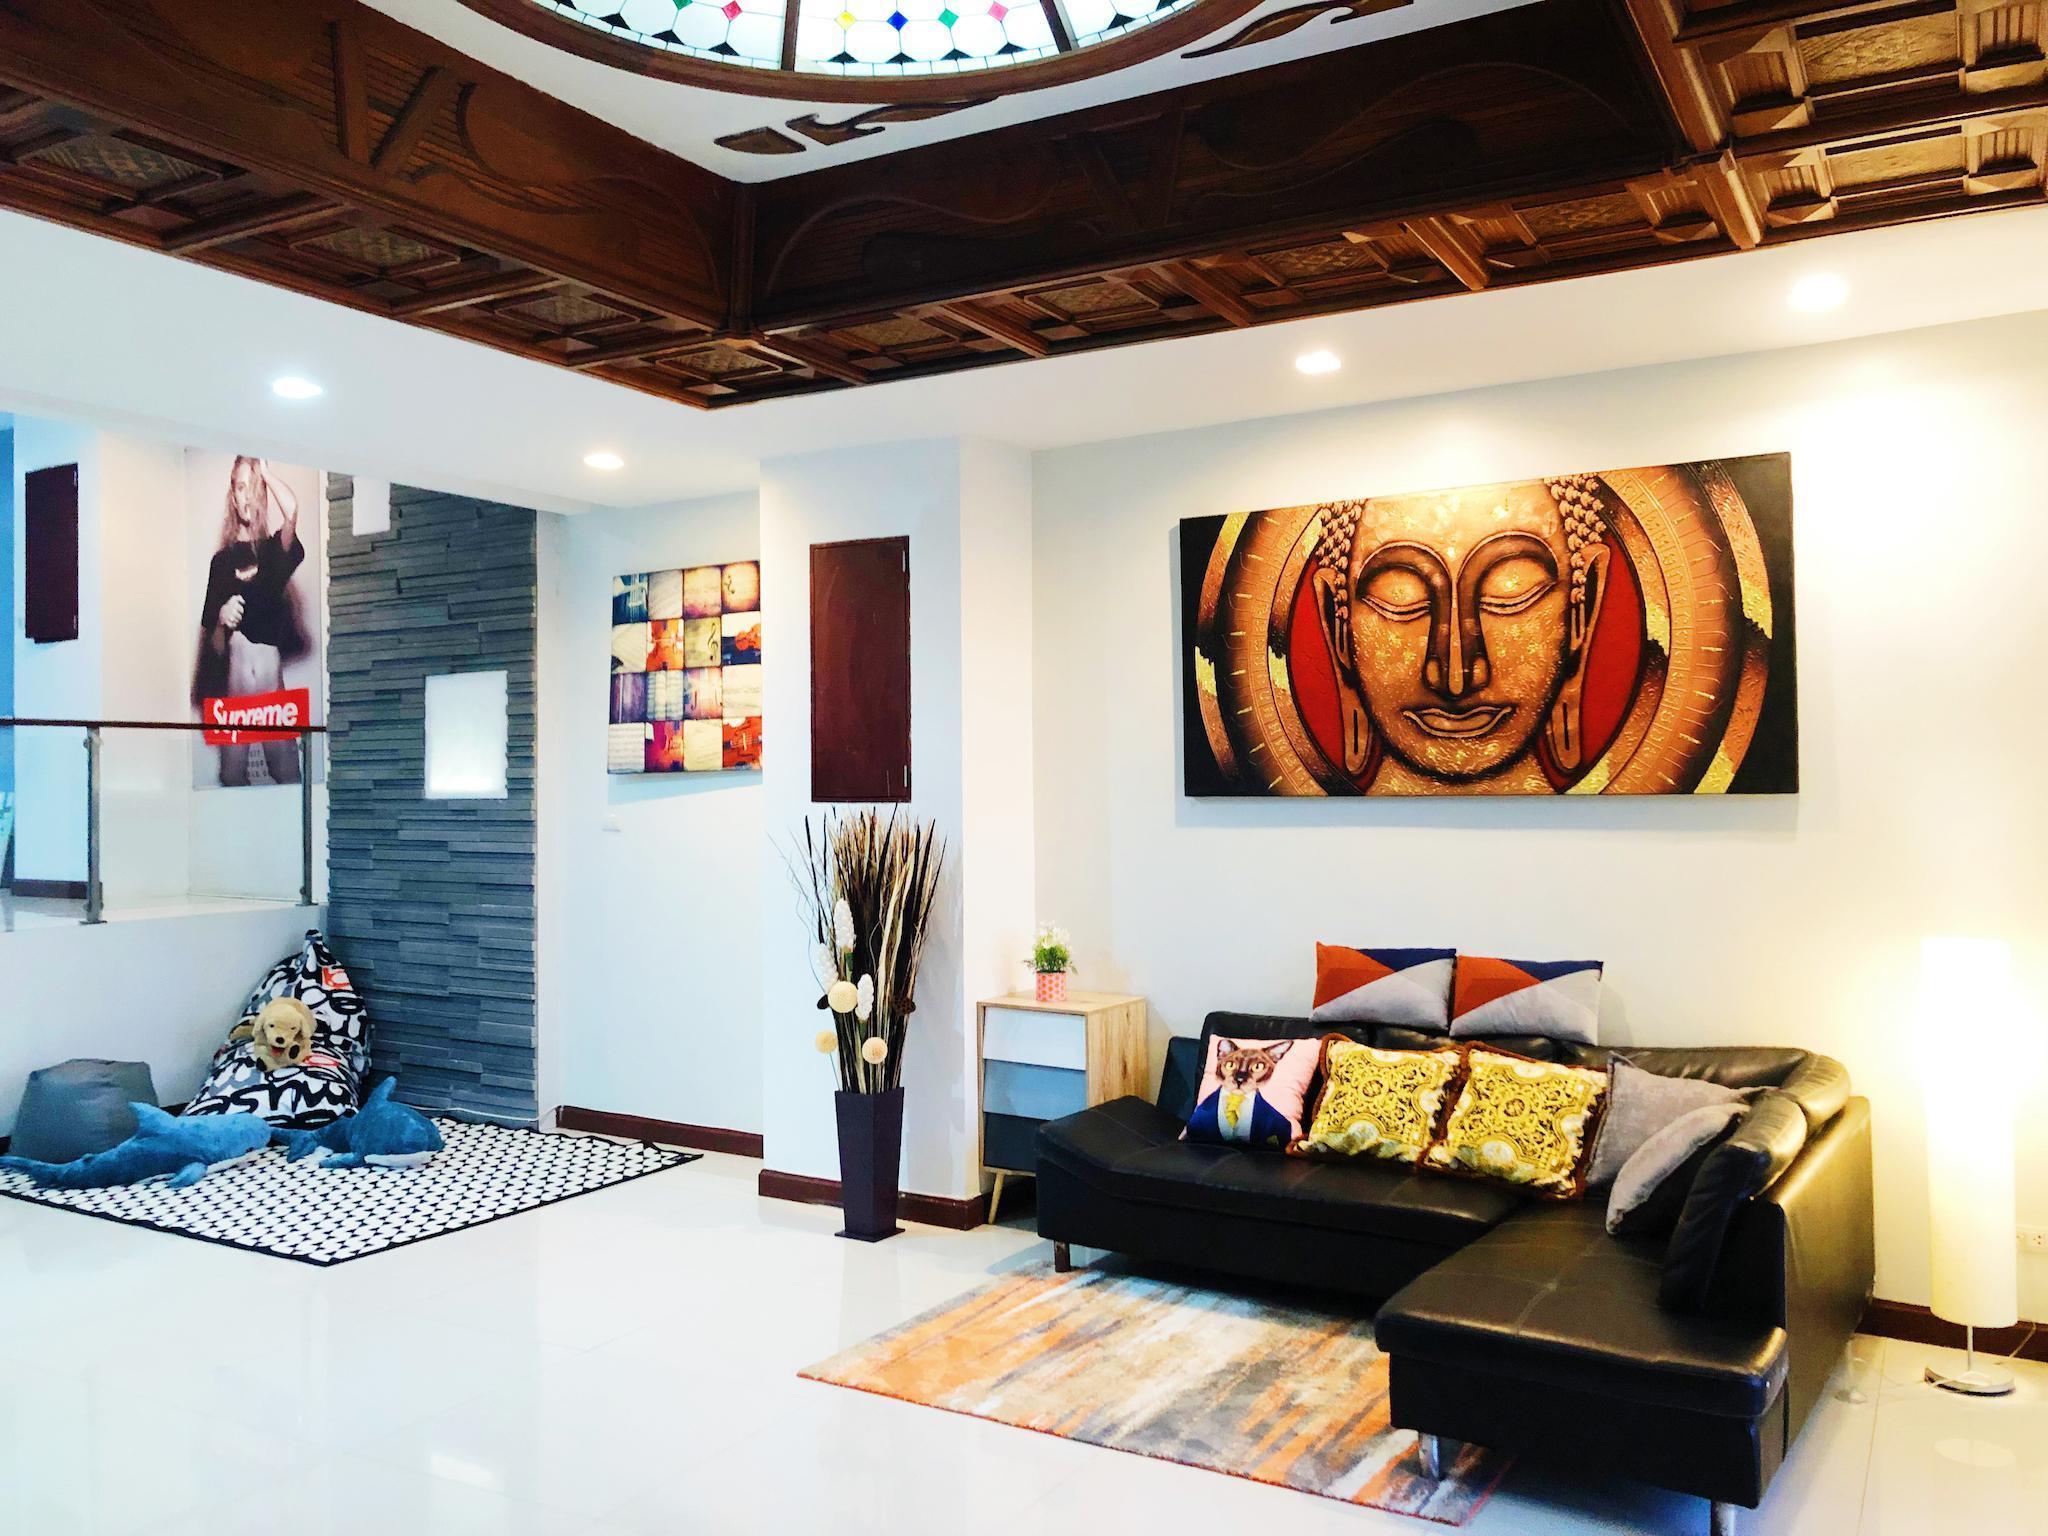 完美的私人泳池海景别墅,芭东海滩、酒吧街5分钟车程 วิลลา 4 ห้องนอน 3 ห้องน้ำส่วนตัว ขนาด 380 ตร.ม. – ป่าตอง